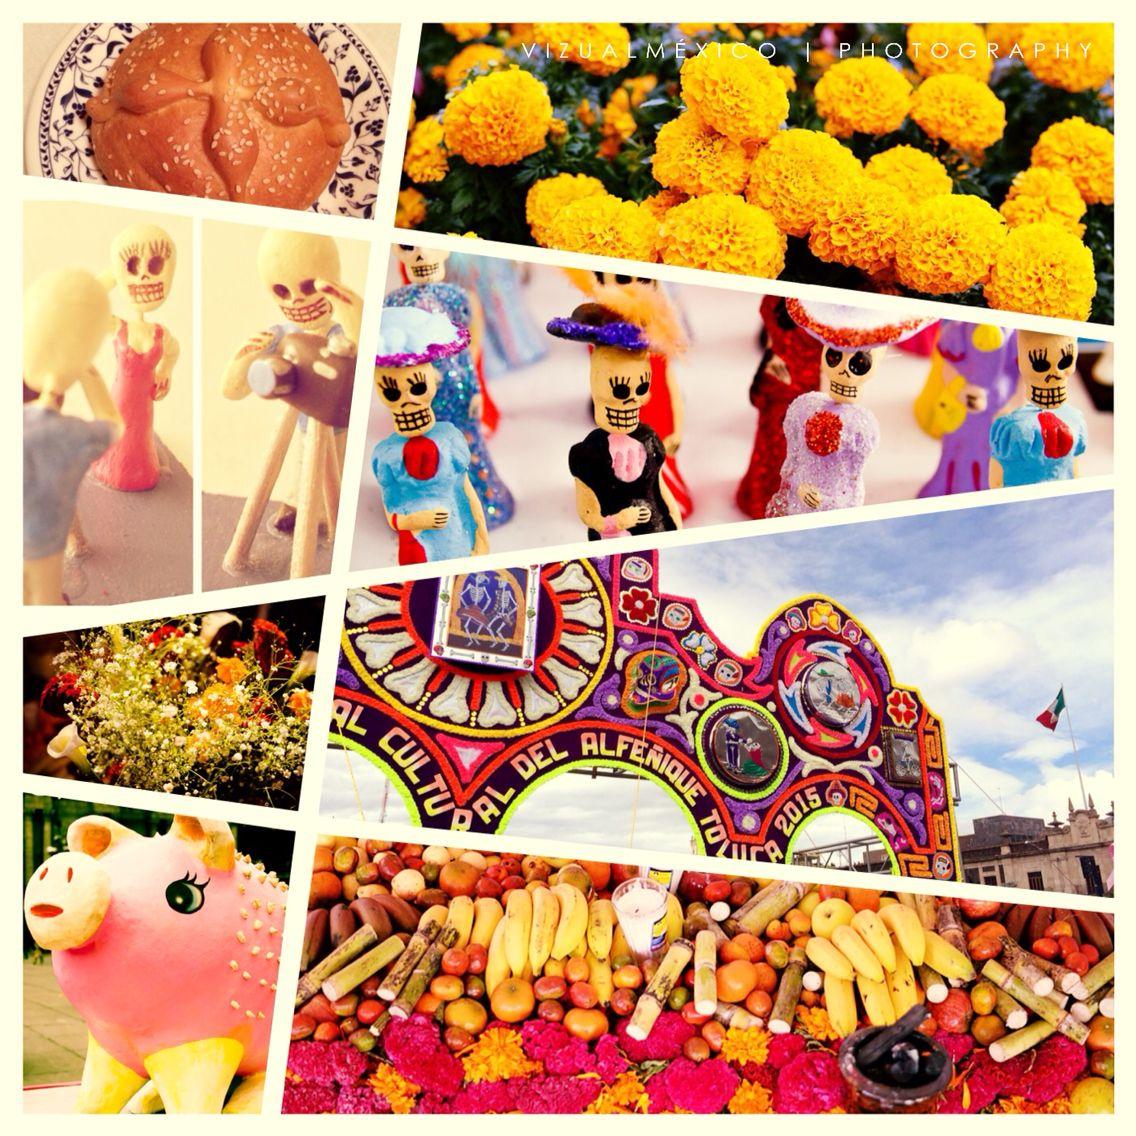 Se nos terminó el puente y los festejos de #díademuertos pronto les compartiremos más imágenes en nuestra web, por lo pronto despedimos la temporada con este collage, hasta el próximo año #feriadelalfeñique #FestivaldelasAlmas #2denoviembre!!!